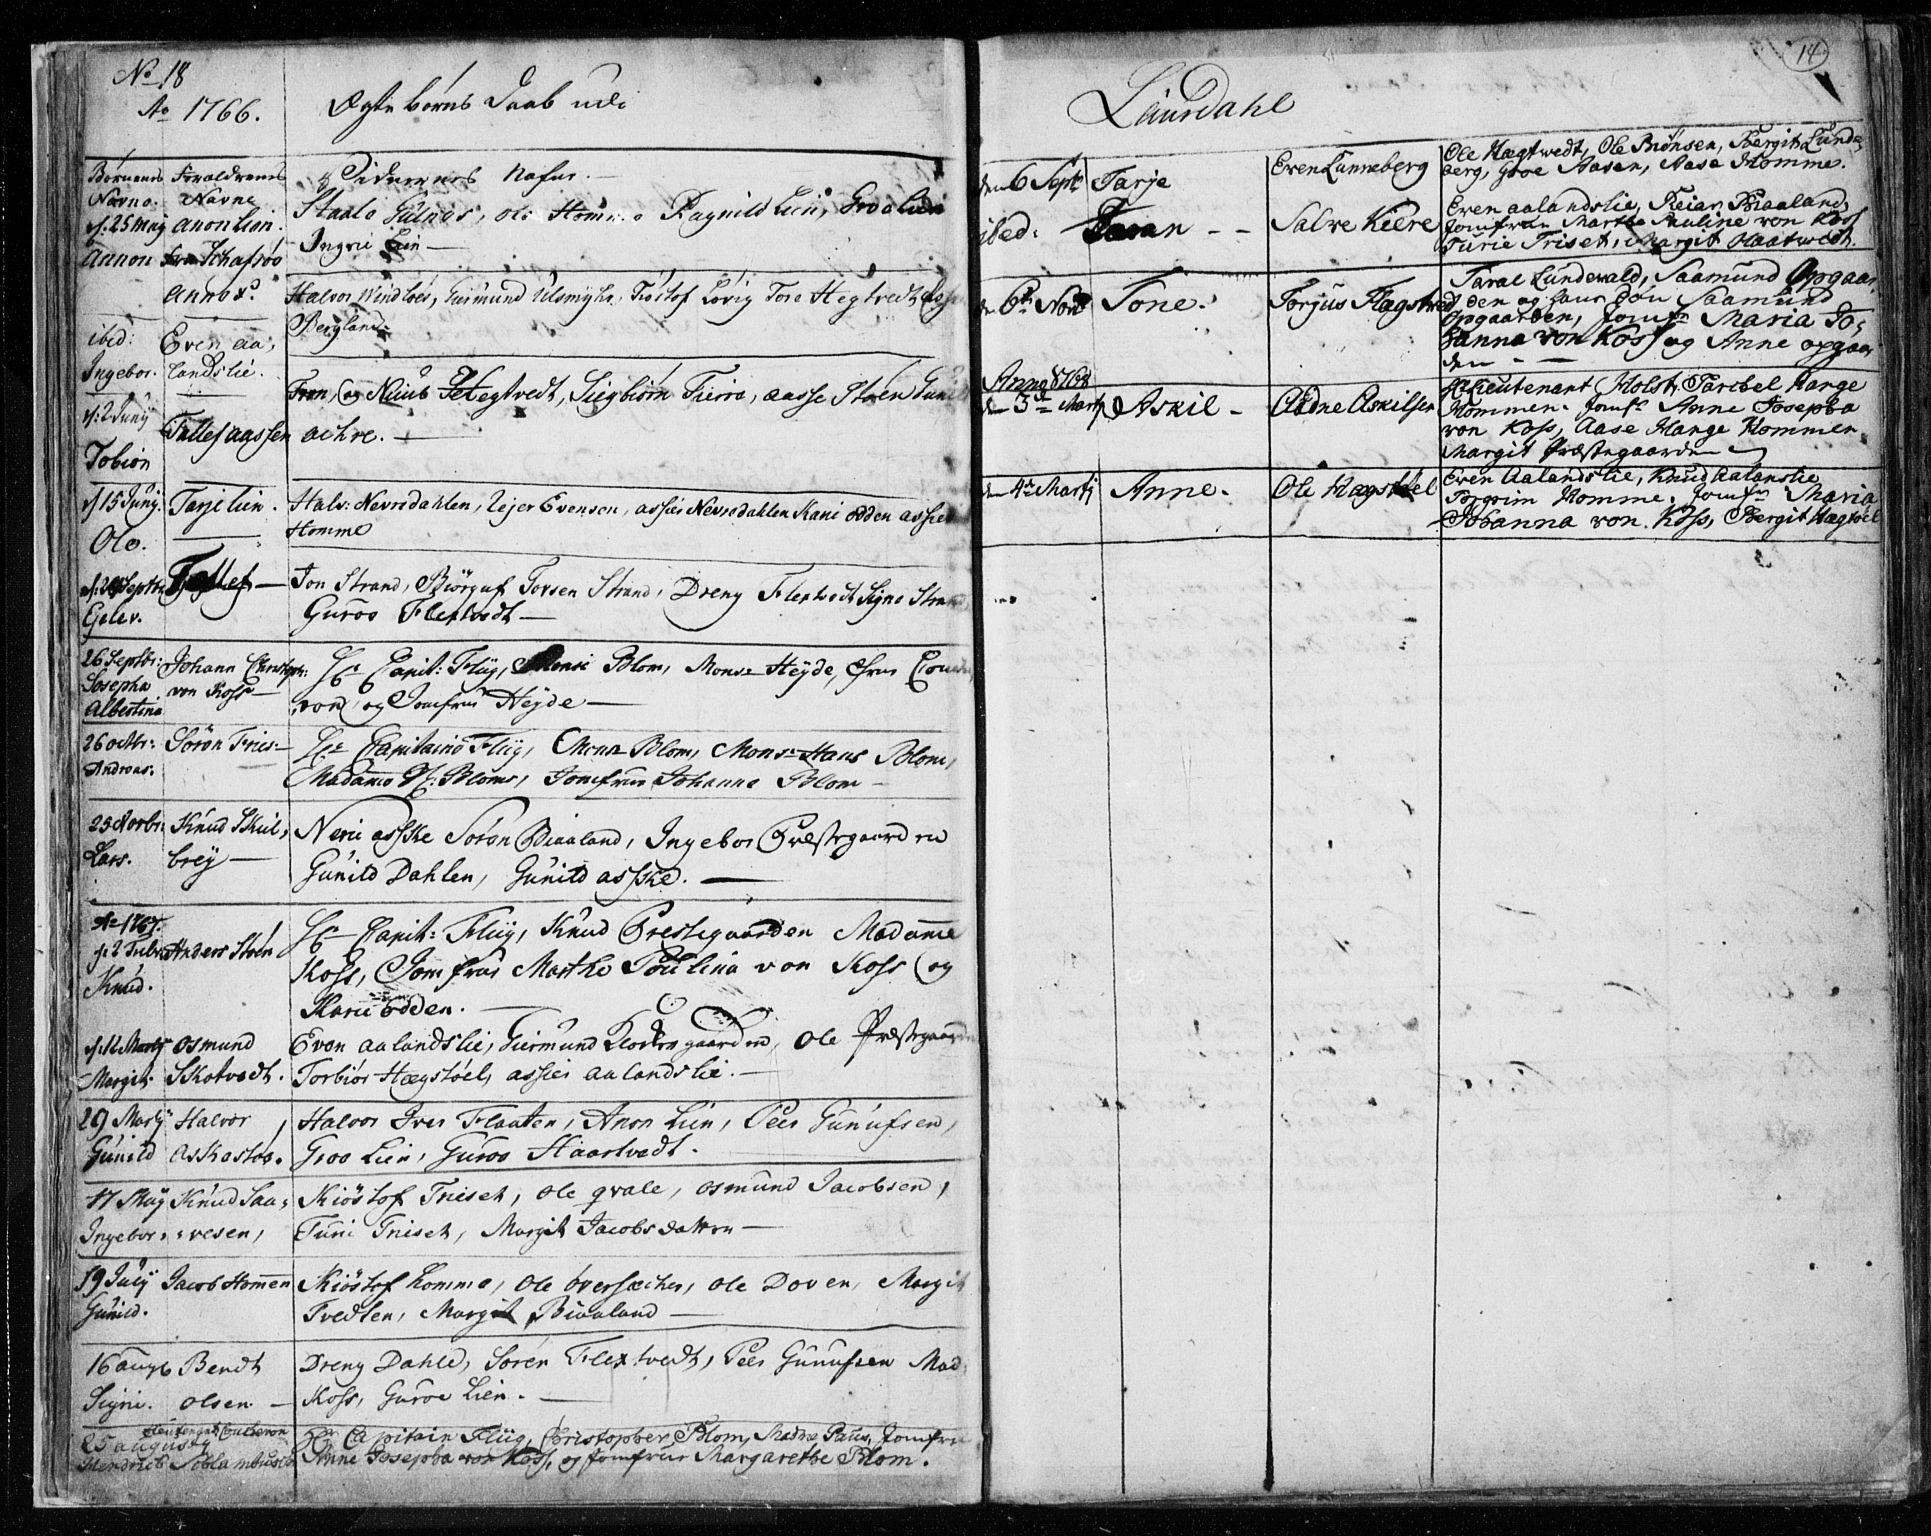 SAKO, Lårdal kirkebøker, F/Fa/L0003: Ministerialbok nr. I 3, 1754-1790, s. 14